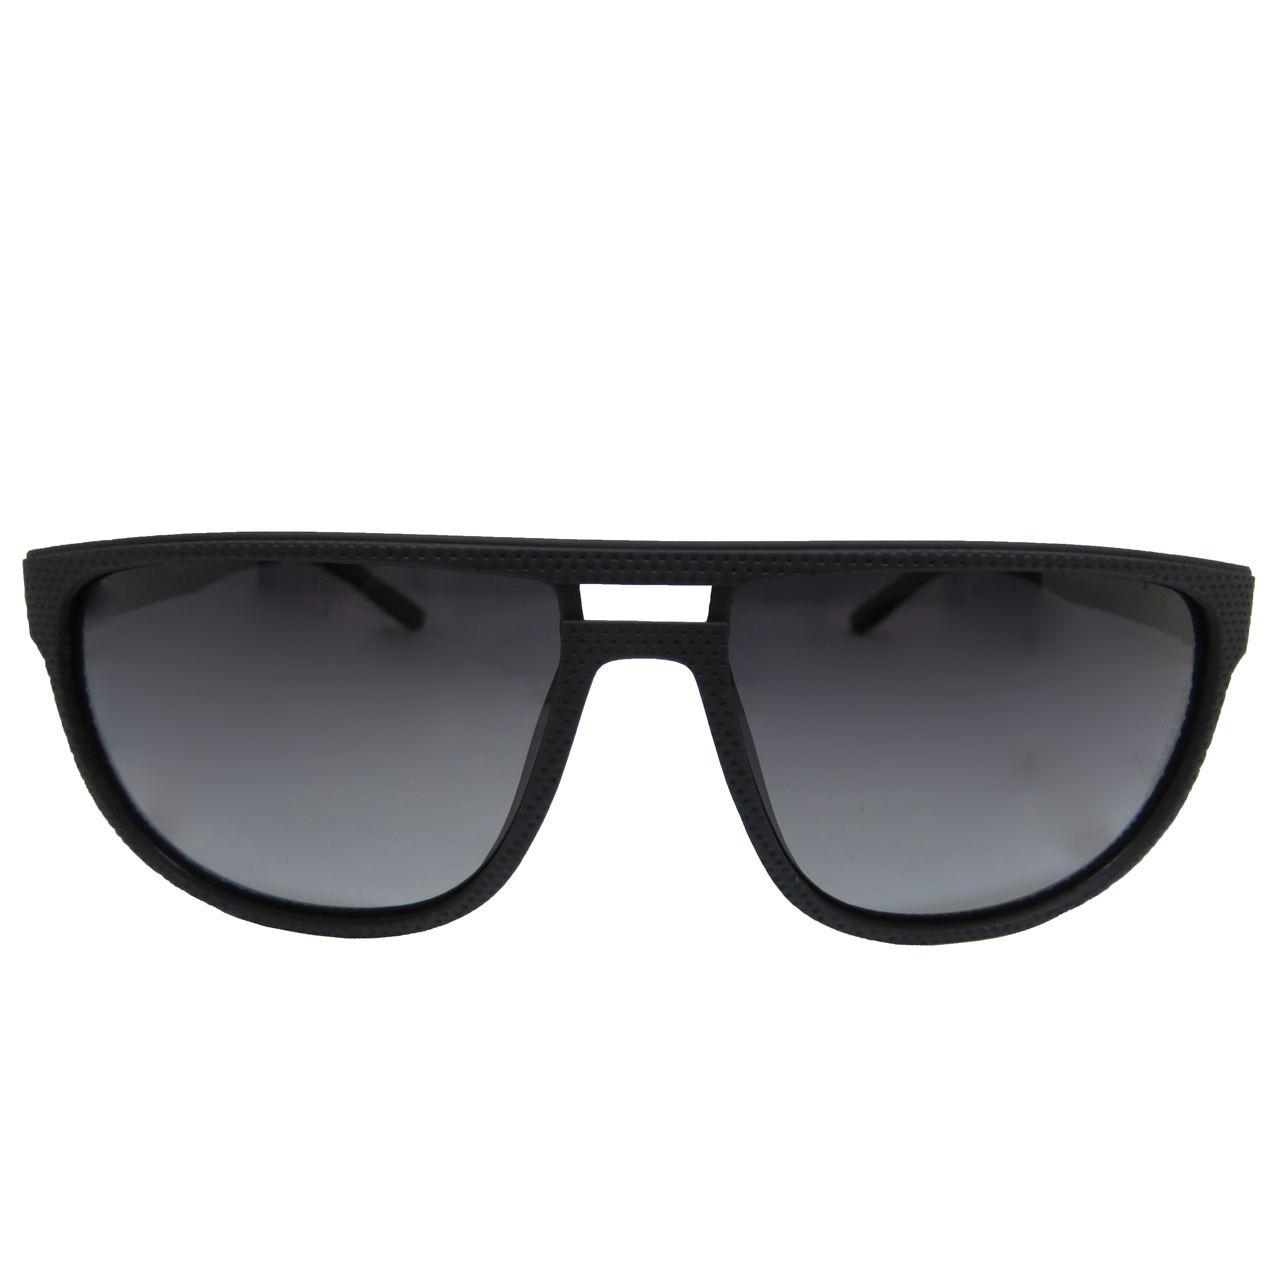 عینک آفتابی مدل MA3581 C6-MO9-3